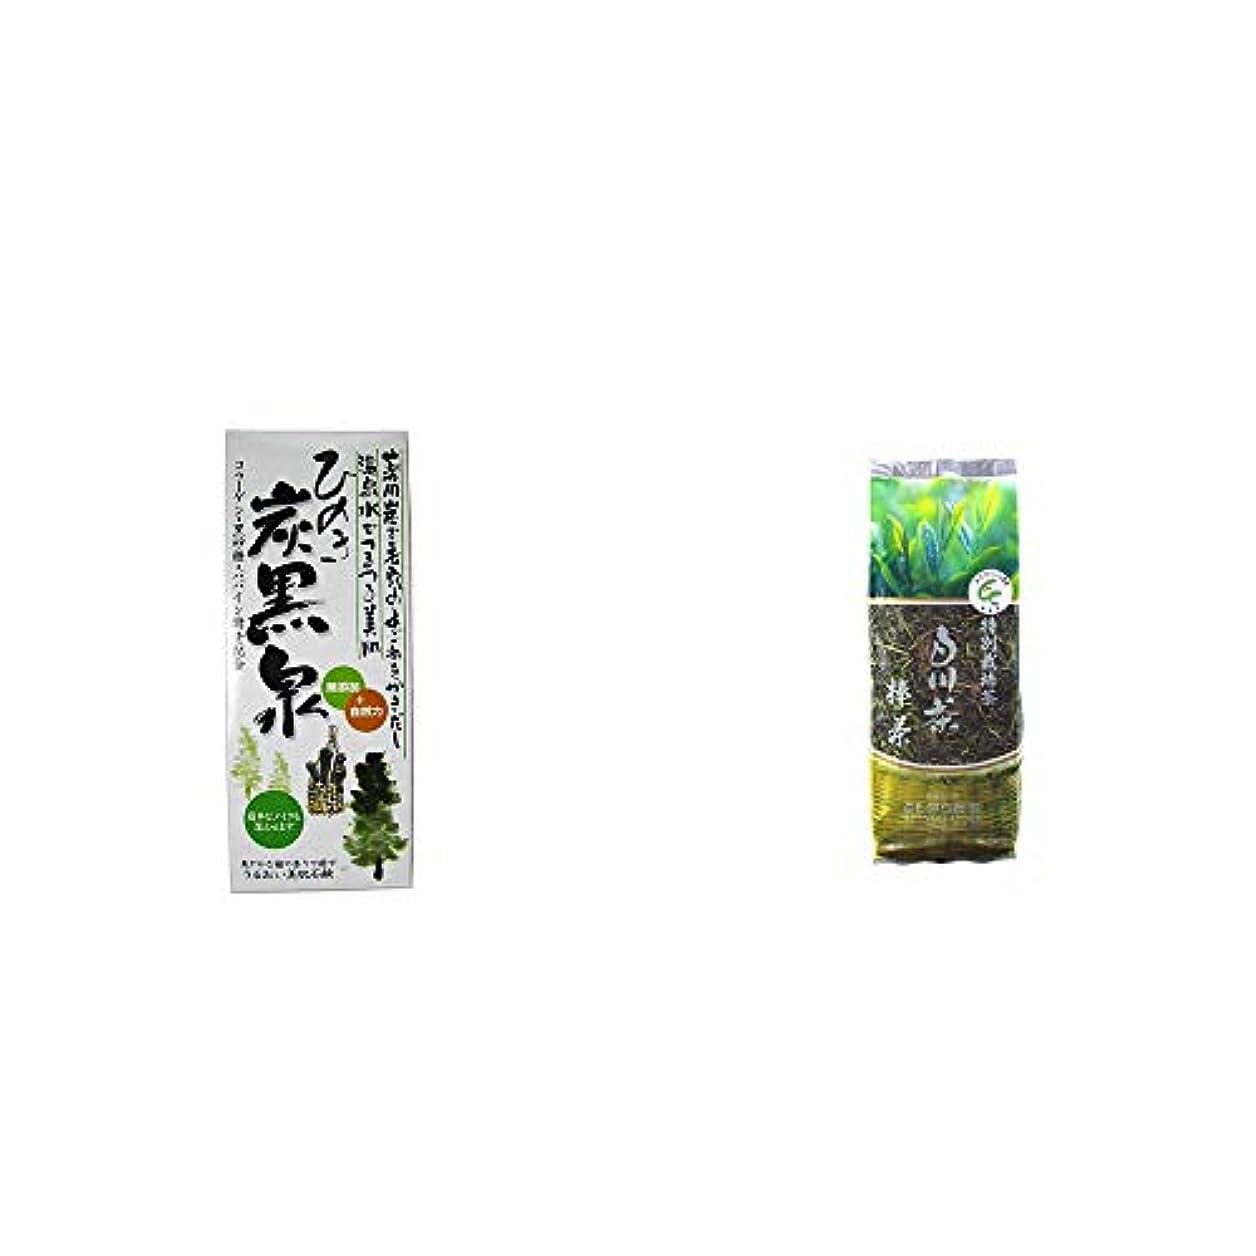 ボックスつぼみ水星[2点セット] ひのき炭黒泉 箱入り(75g×3)?白川茶 特別栽培茶【棒茶】(150g)